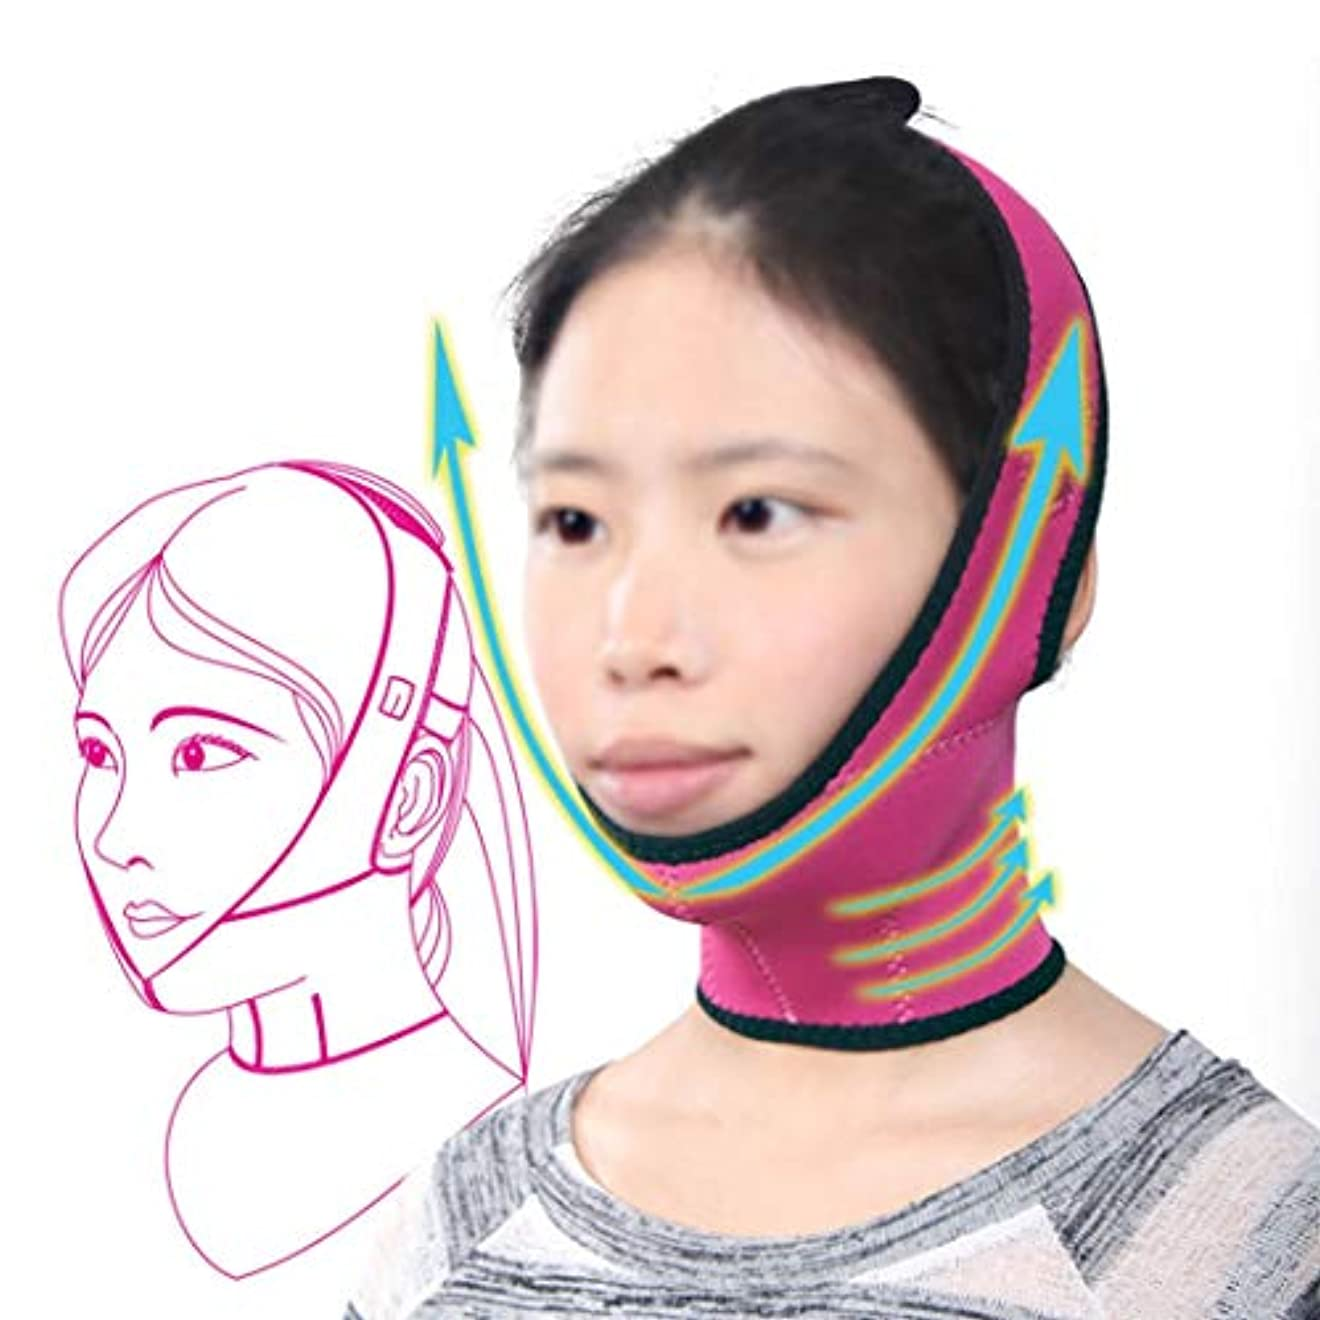 暴露ひもモバイルXHLMRMJ フェイスリフトマスク、痩身ベルトフェイスマスク強力なリフティング小さなV顔薄い顔包帯美容フェイスリフティング顔小さな顔薄い顔マスク